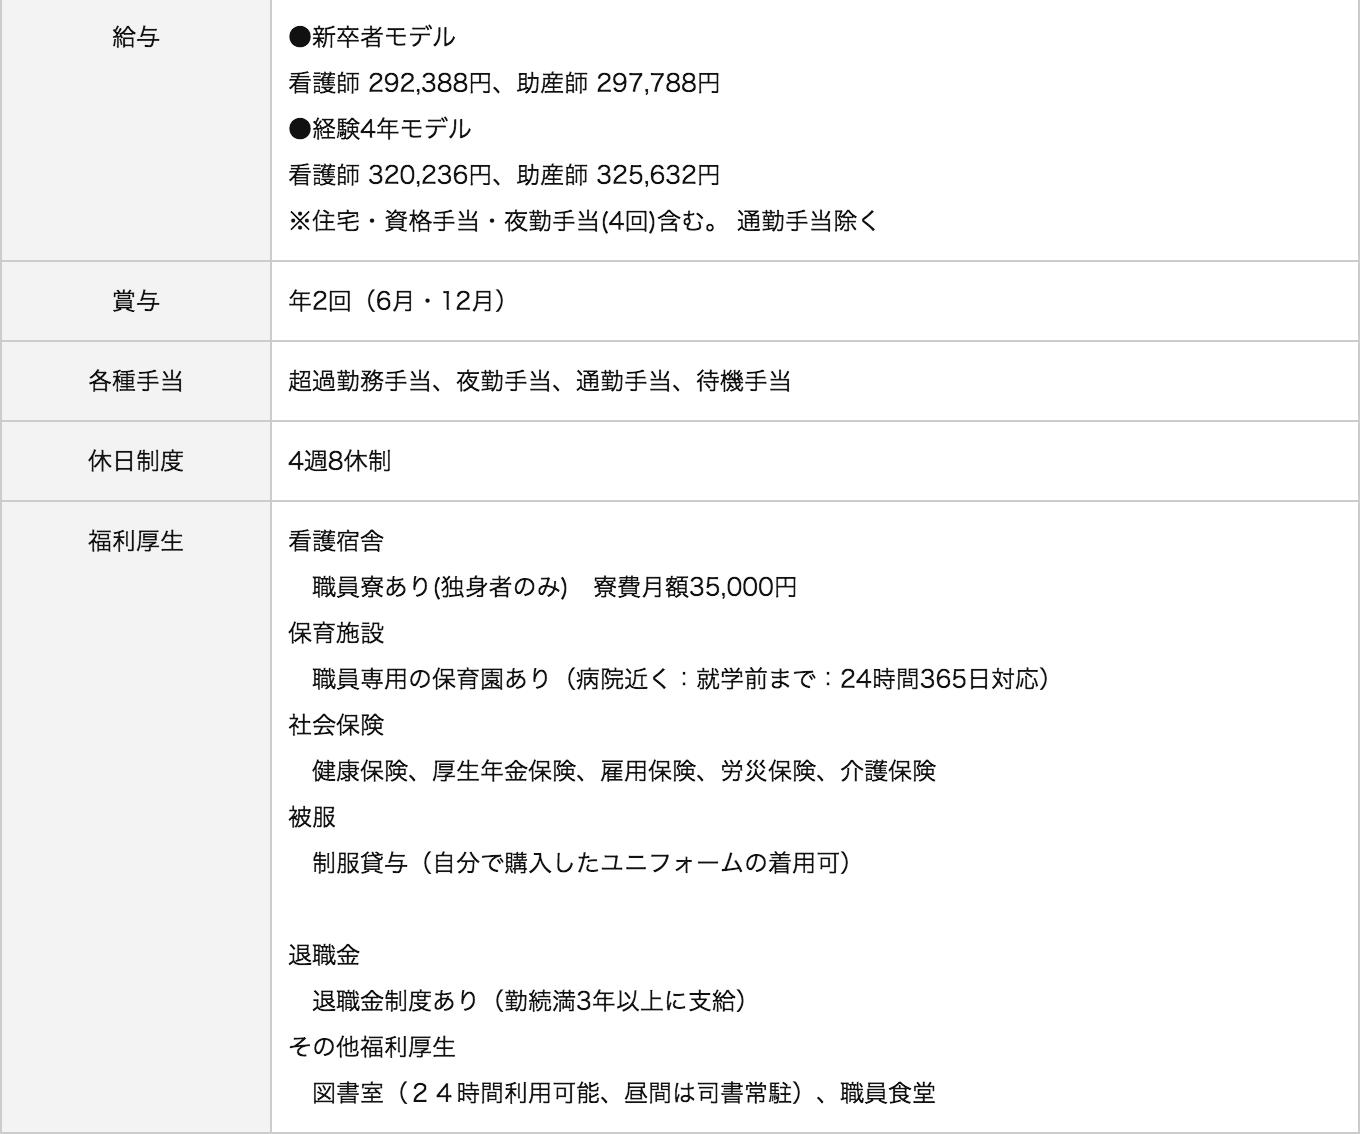 済生会横浜市東部病院待遇